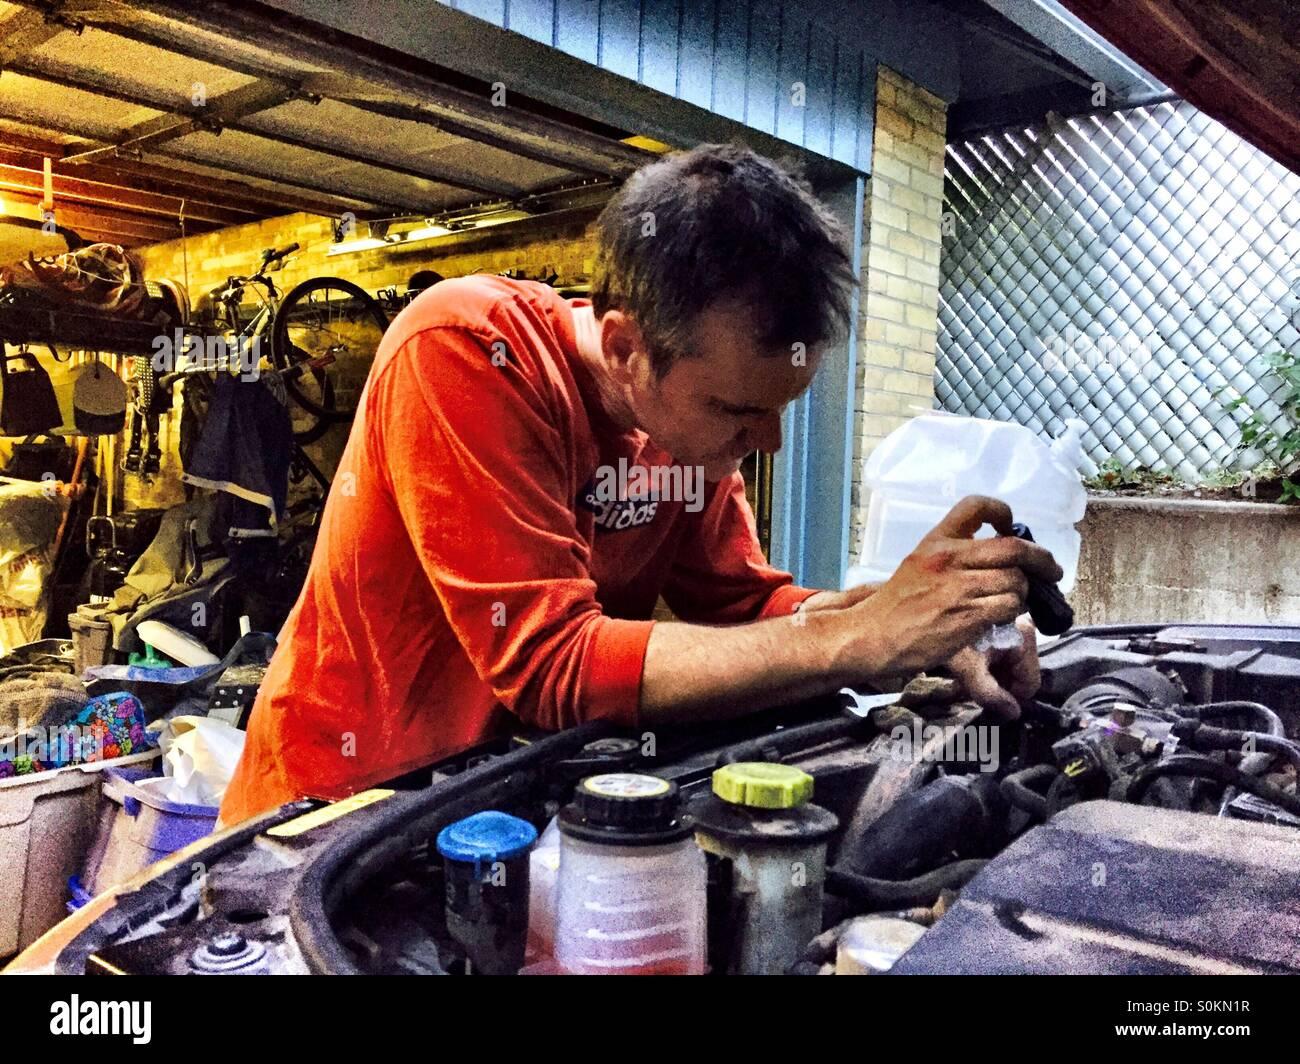 A shade tree mechanic risolve un auto a motore. Immagini Stock